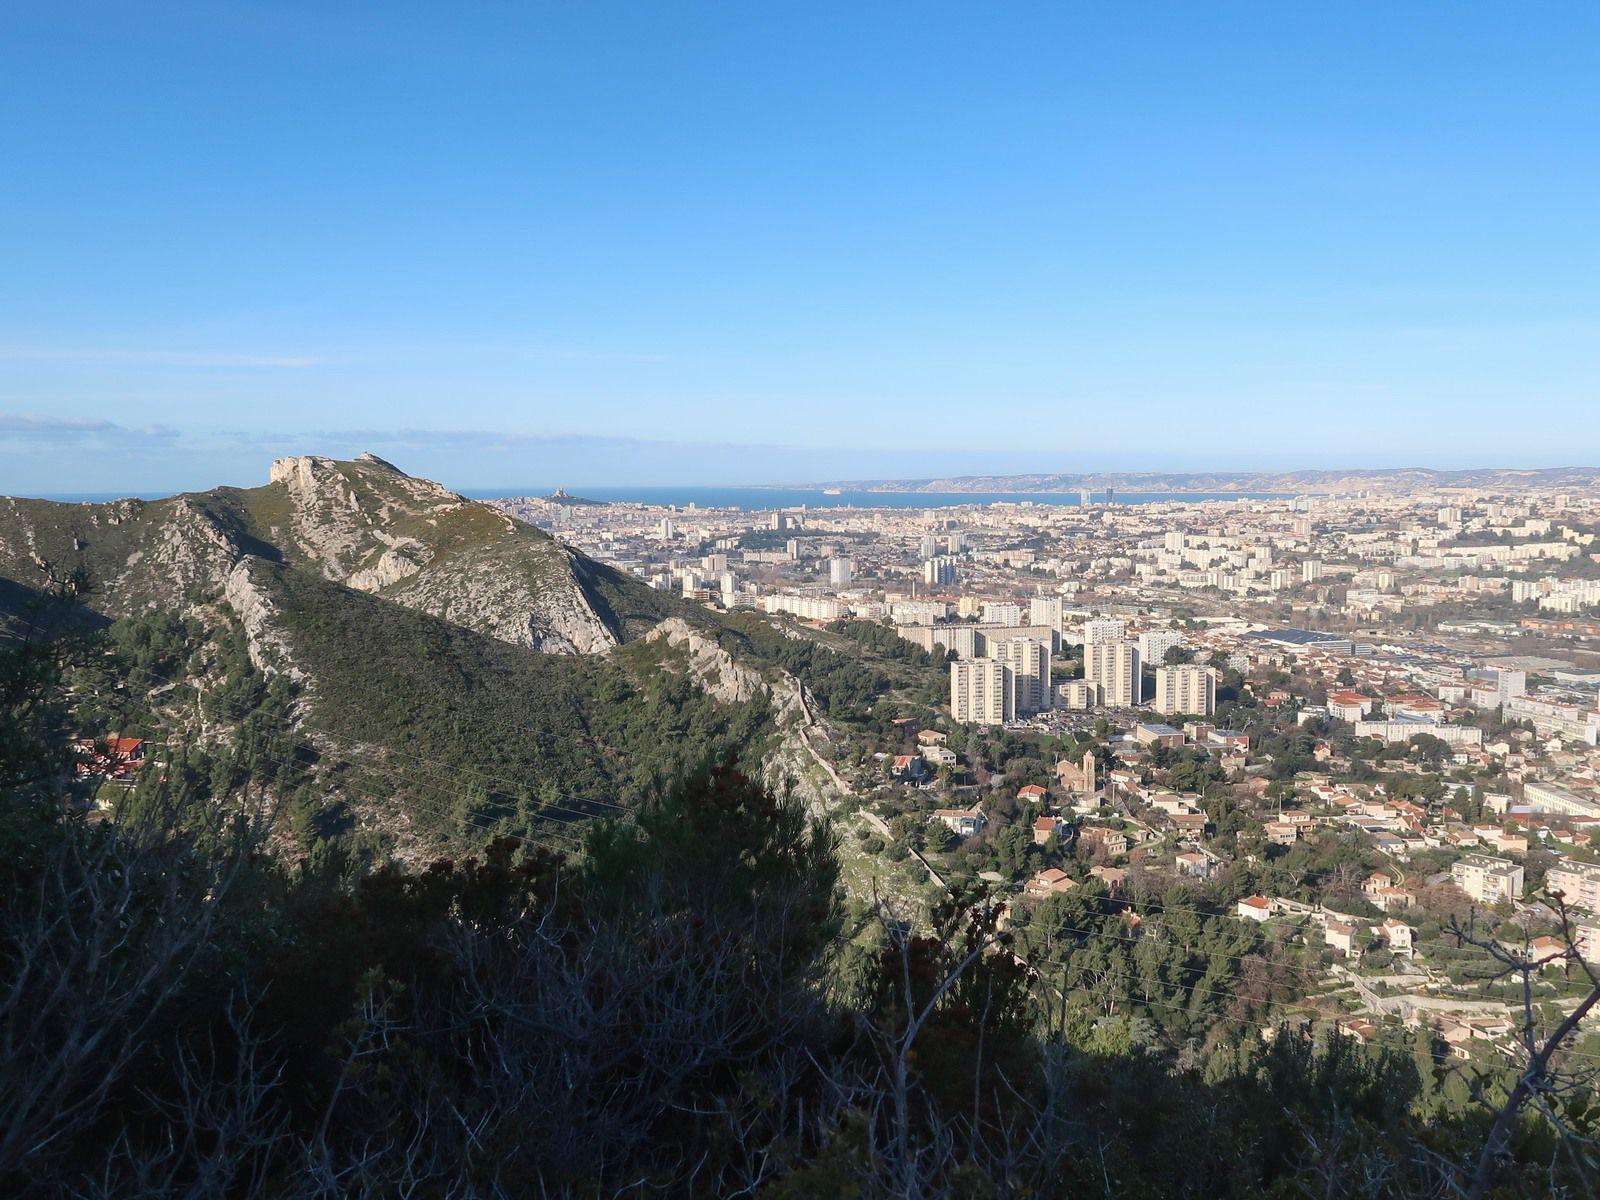 Très belle randonnée , une autre vision de Marseille , merci Gérald